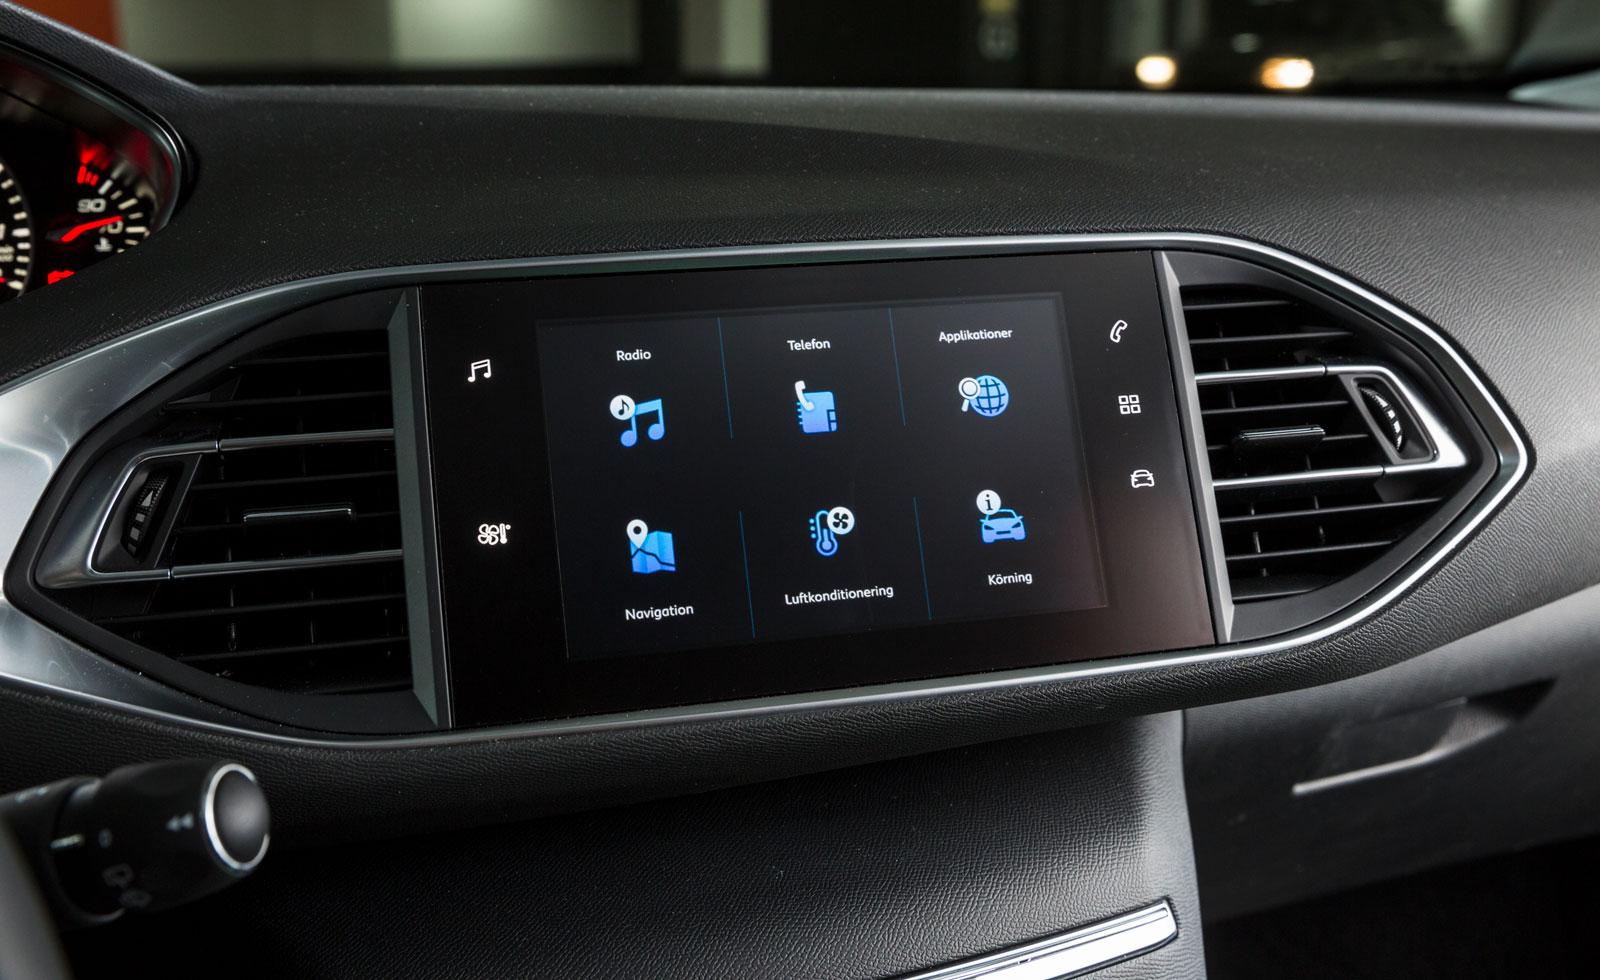 Peugeots pekskärm är lite långsam i reaktionerna och systemet börjar kännas lätt föråldrat. Även flera av bilens funktioner, bland annat värmen, sköts via skärmen.